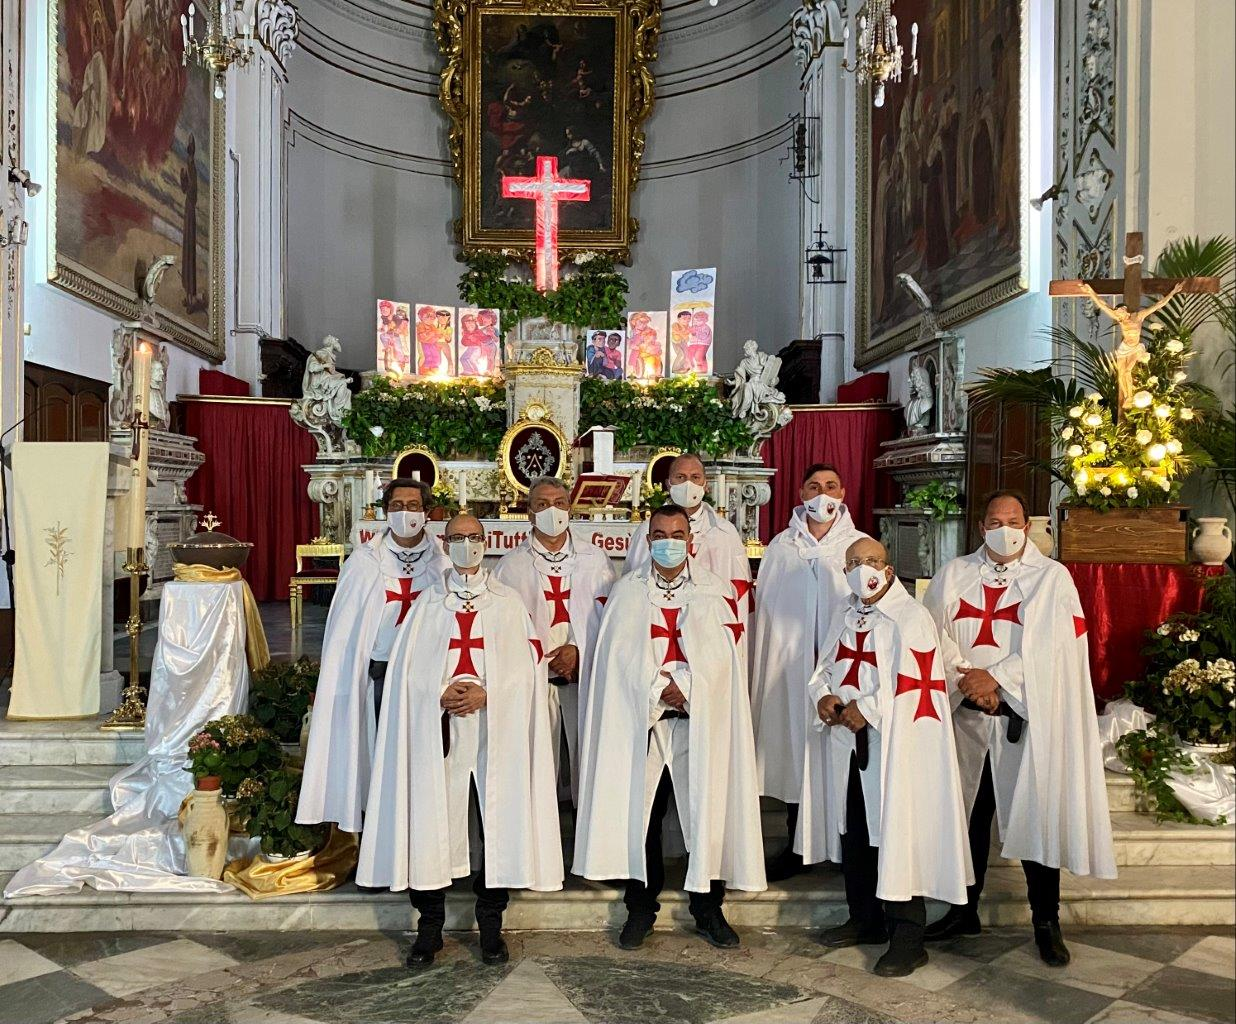 Custodia e Santa Messa -Santuario Basilica Maria SS. Annunziata al Carmine – Catania 16.05.2021